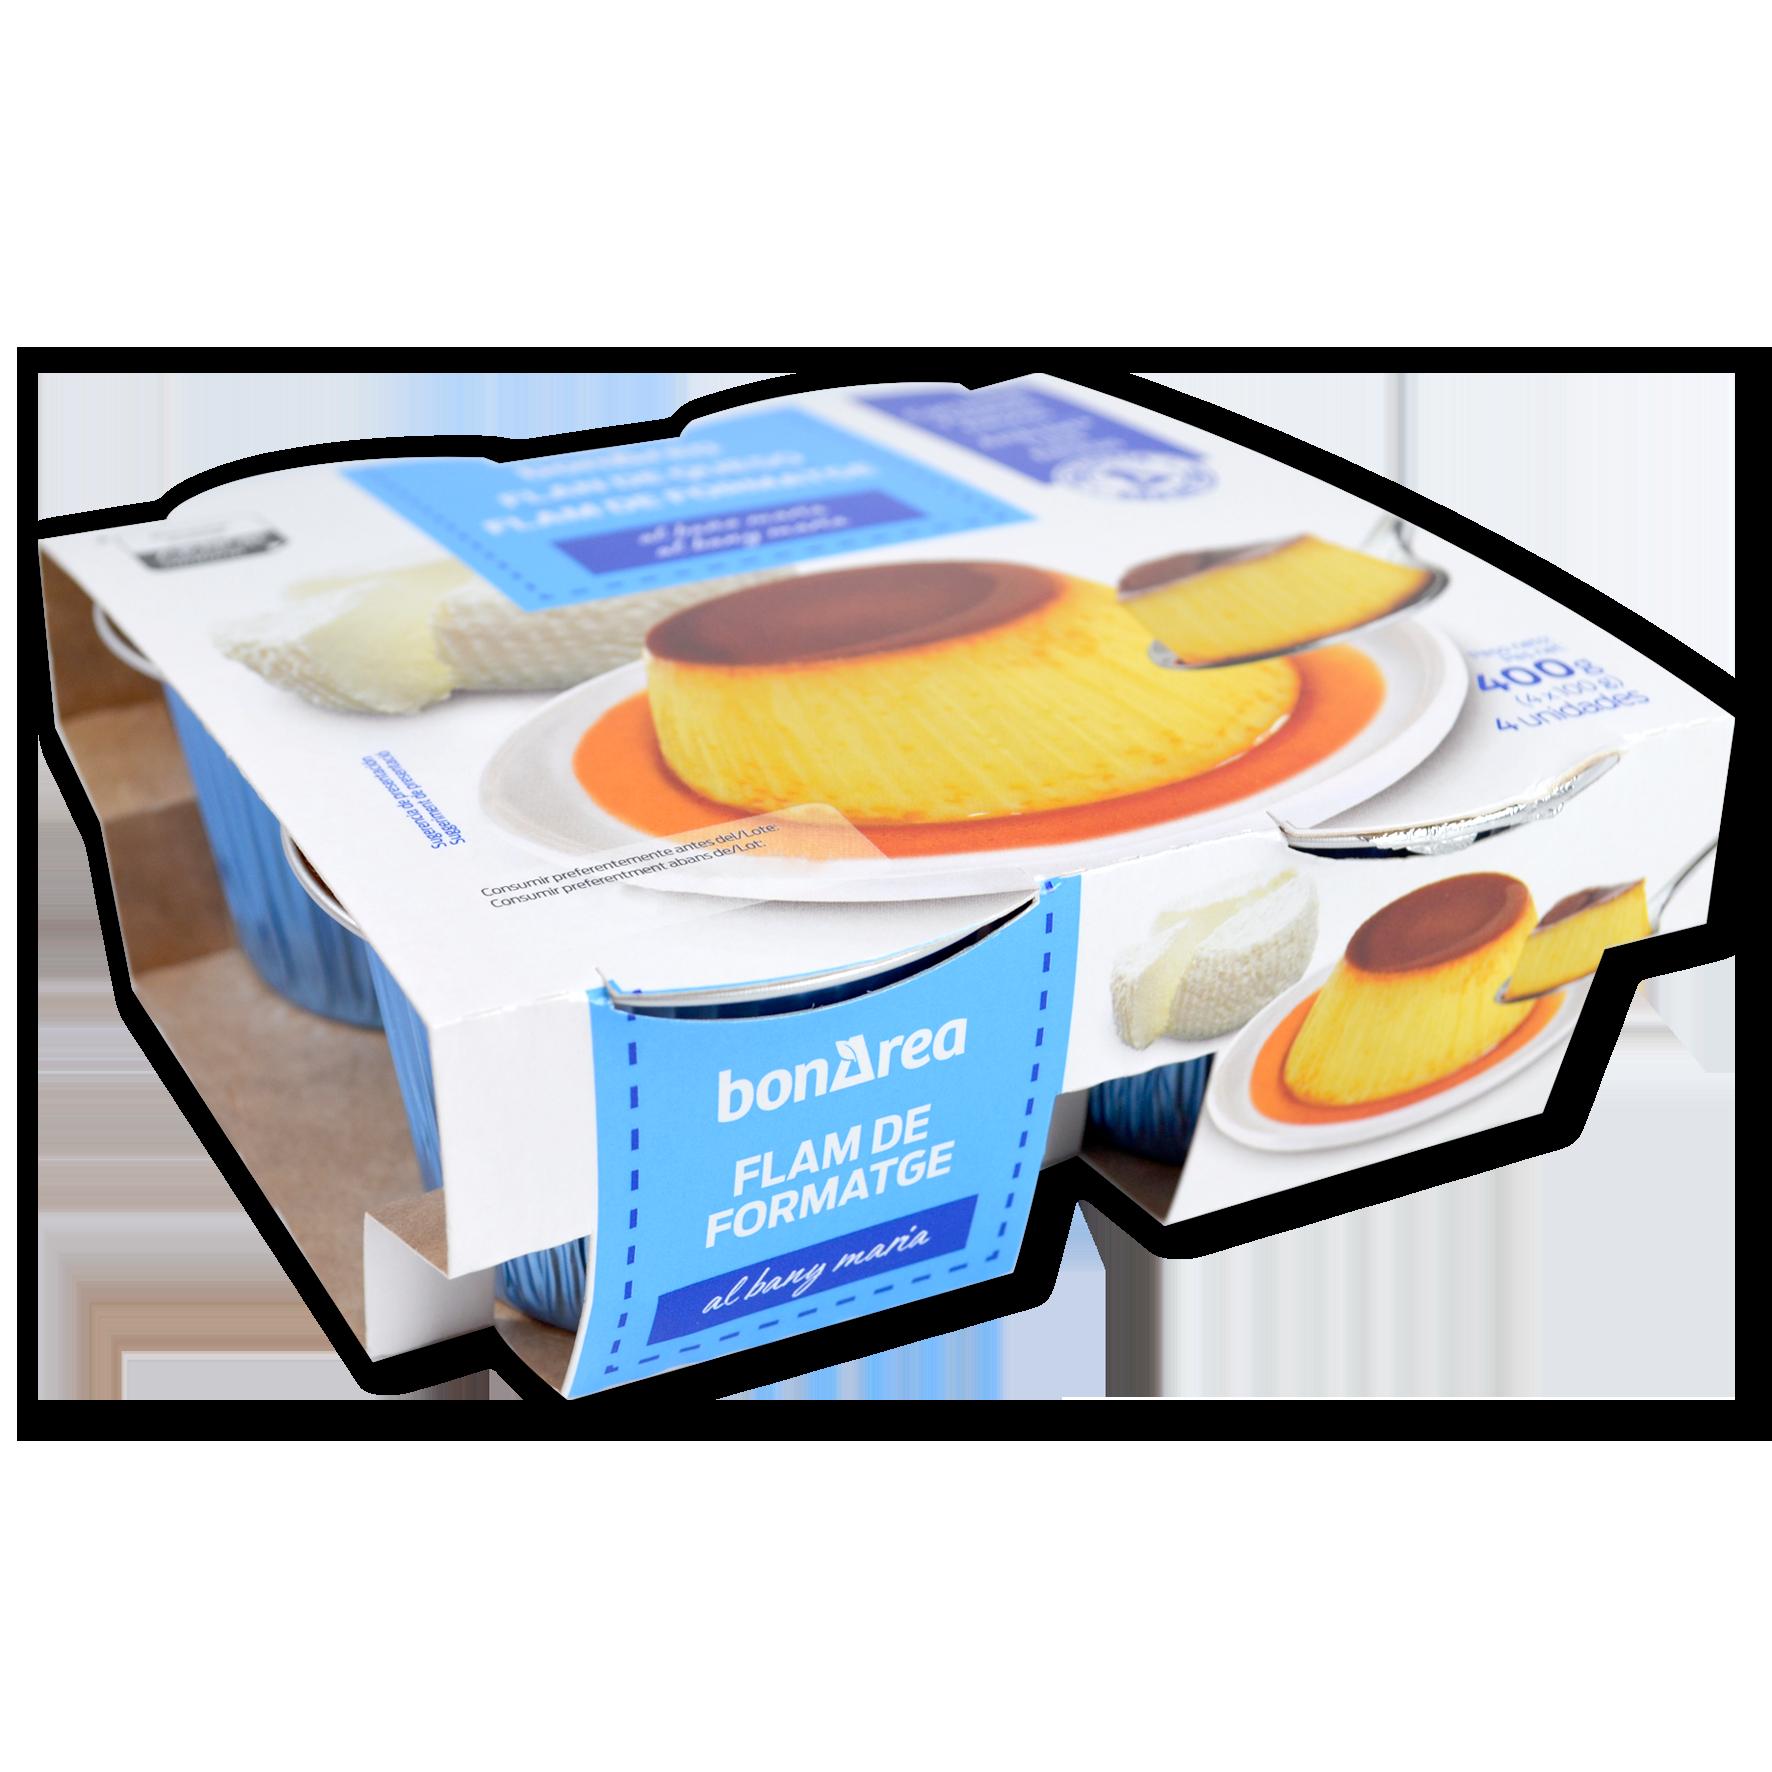 Flam de formatge paq. 4 u. x 100 g